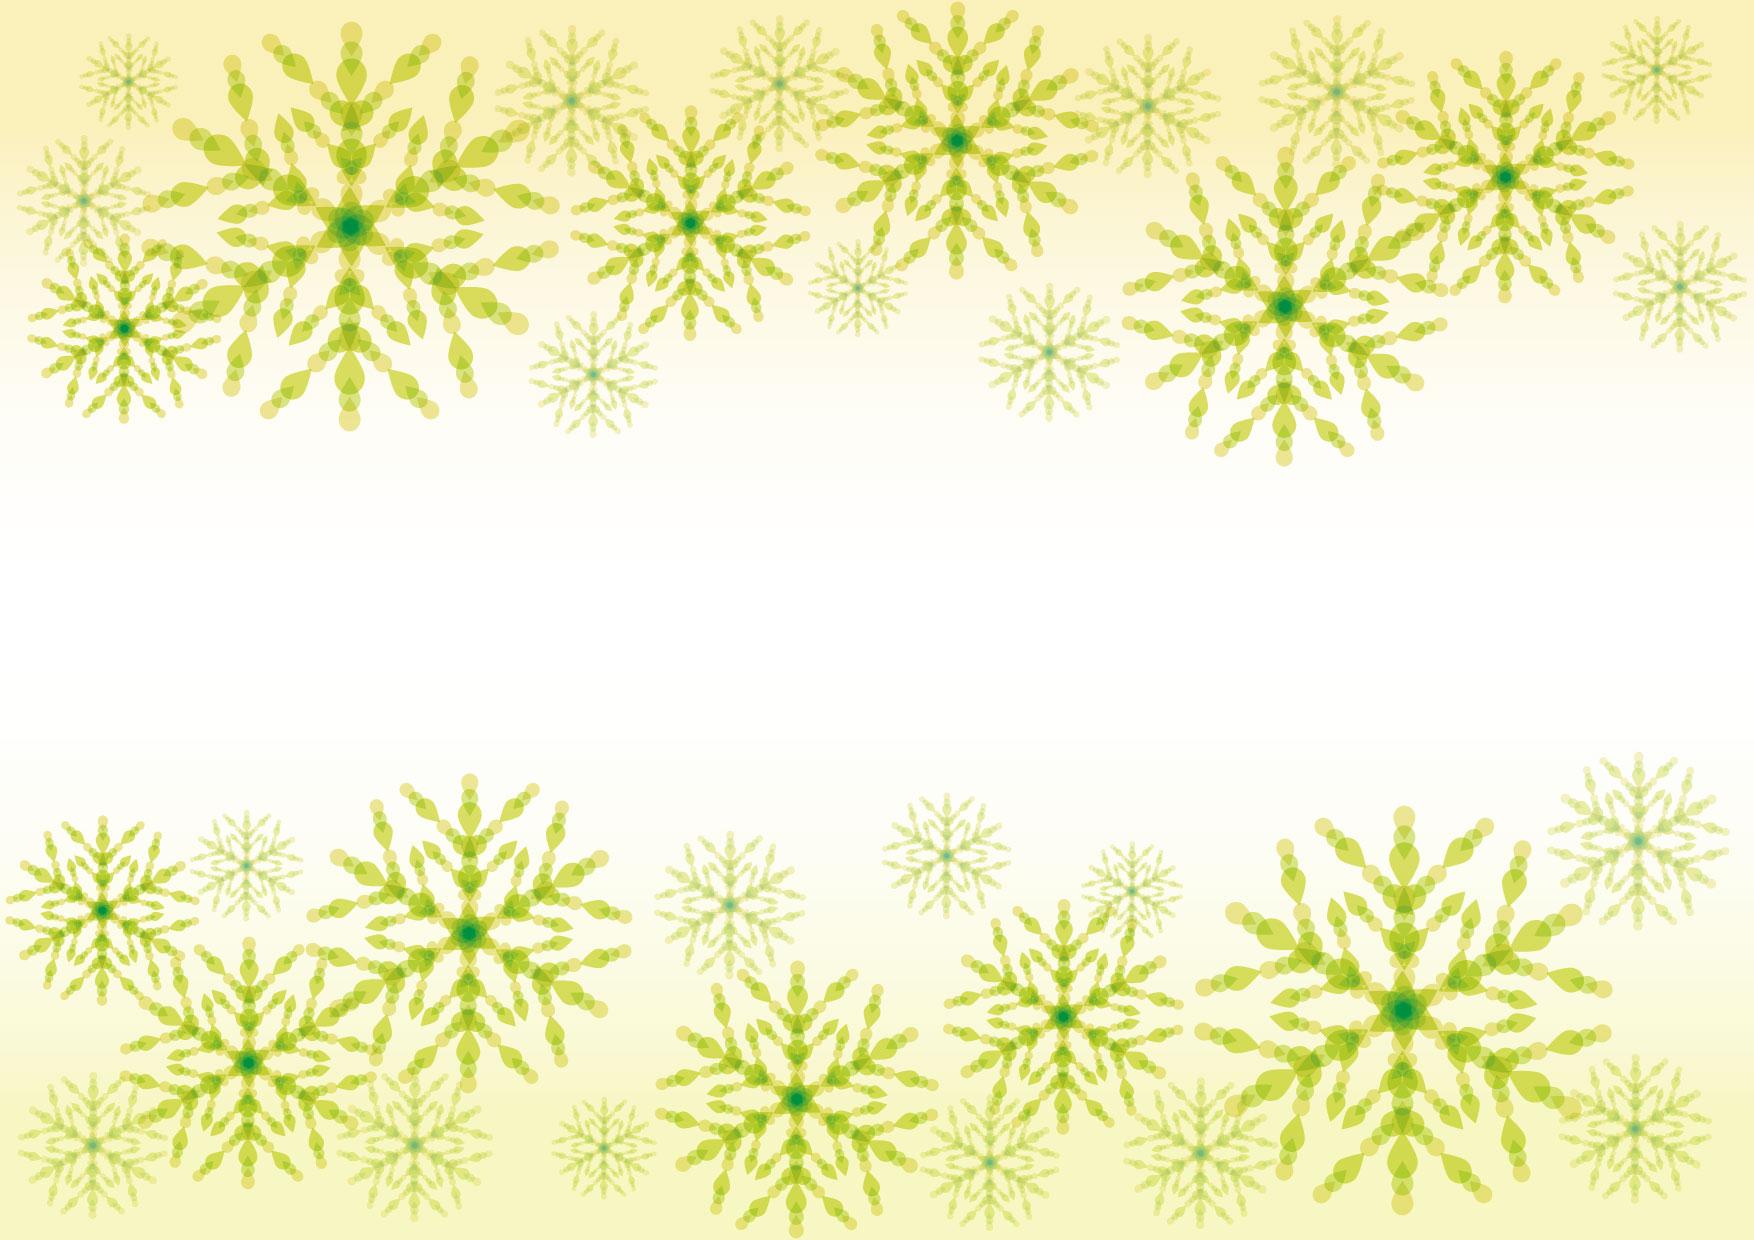 可愛いイラスト無料 雪の結晶 黄色 背景 Free Illustration Snowflakes Yellow Background 公式 イラスト素材サイト イラストダウンロード